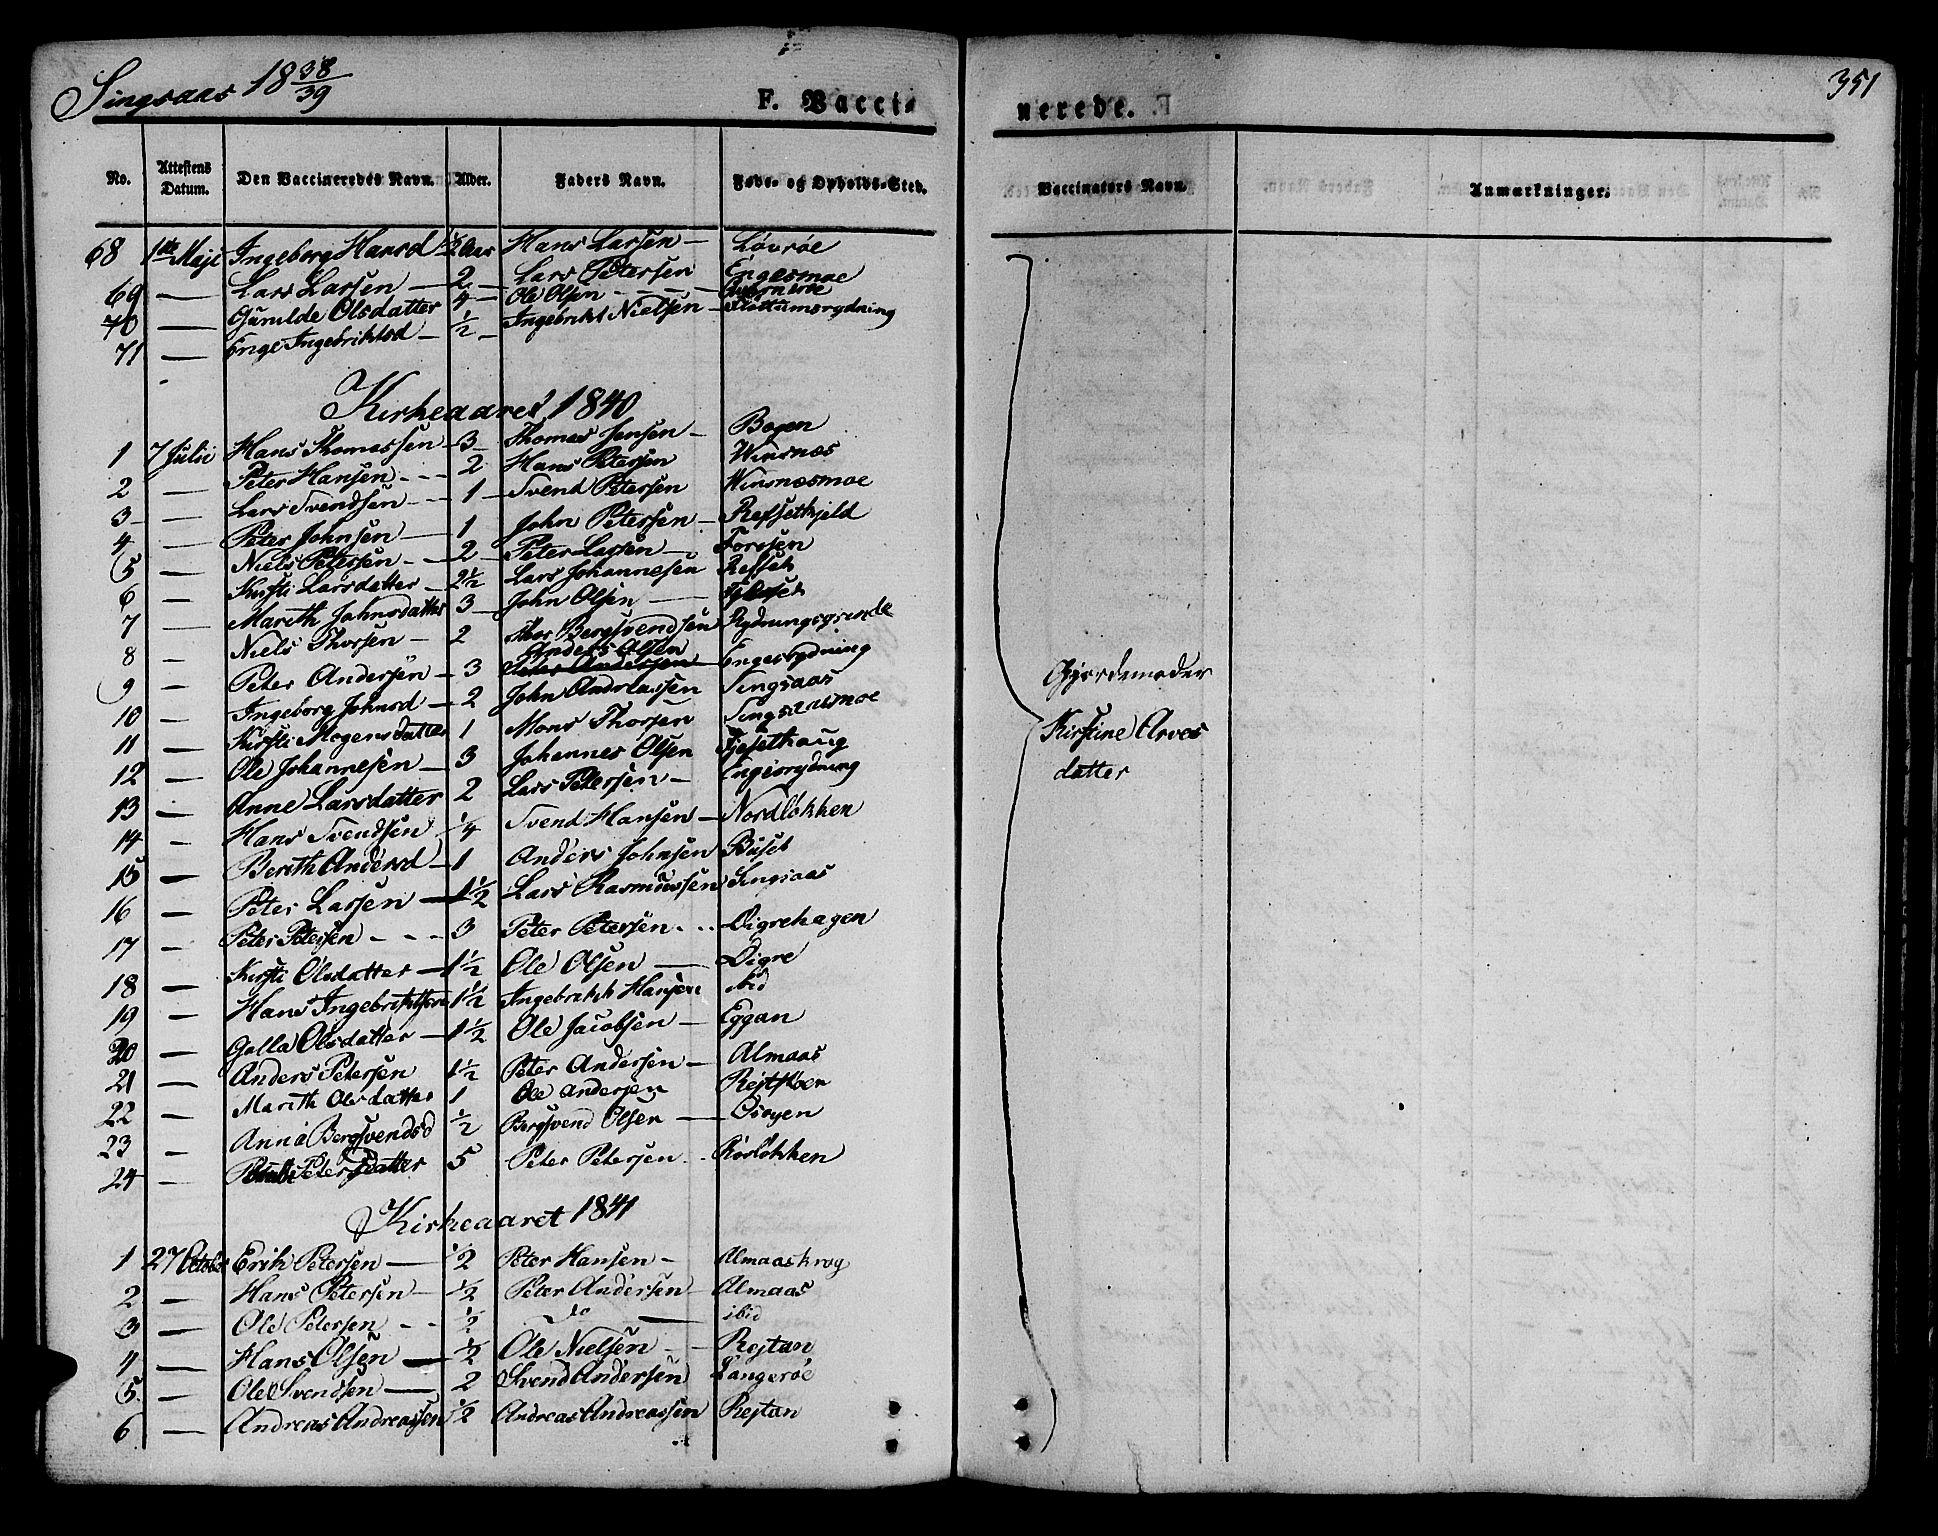 SAT, Ministerialprotokoller, klokkerbøker og fødselsregistre - Sør-Trøndelag, 685/L0961: Ministerialbok nr. 685A05 /2, 1829-1845, s. 351